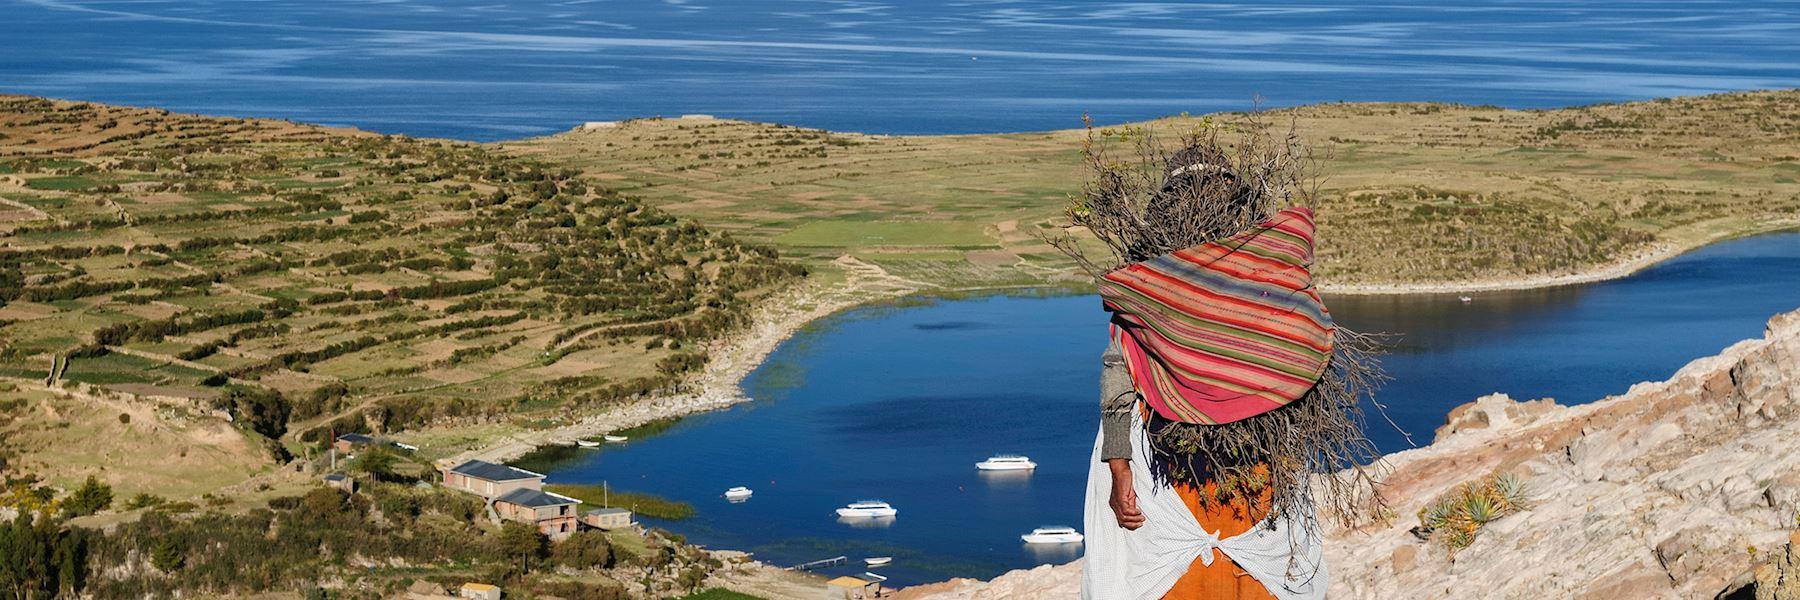 Bolivia trip ideas